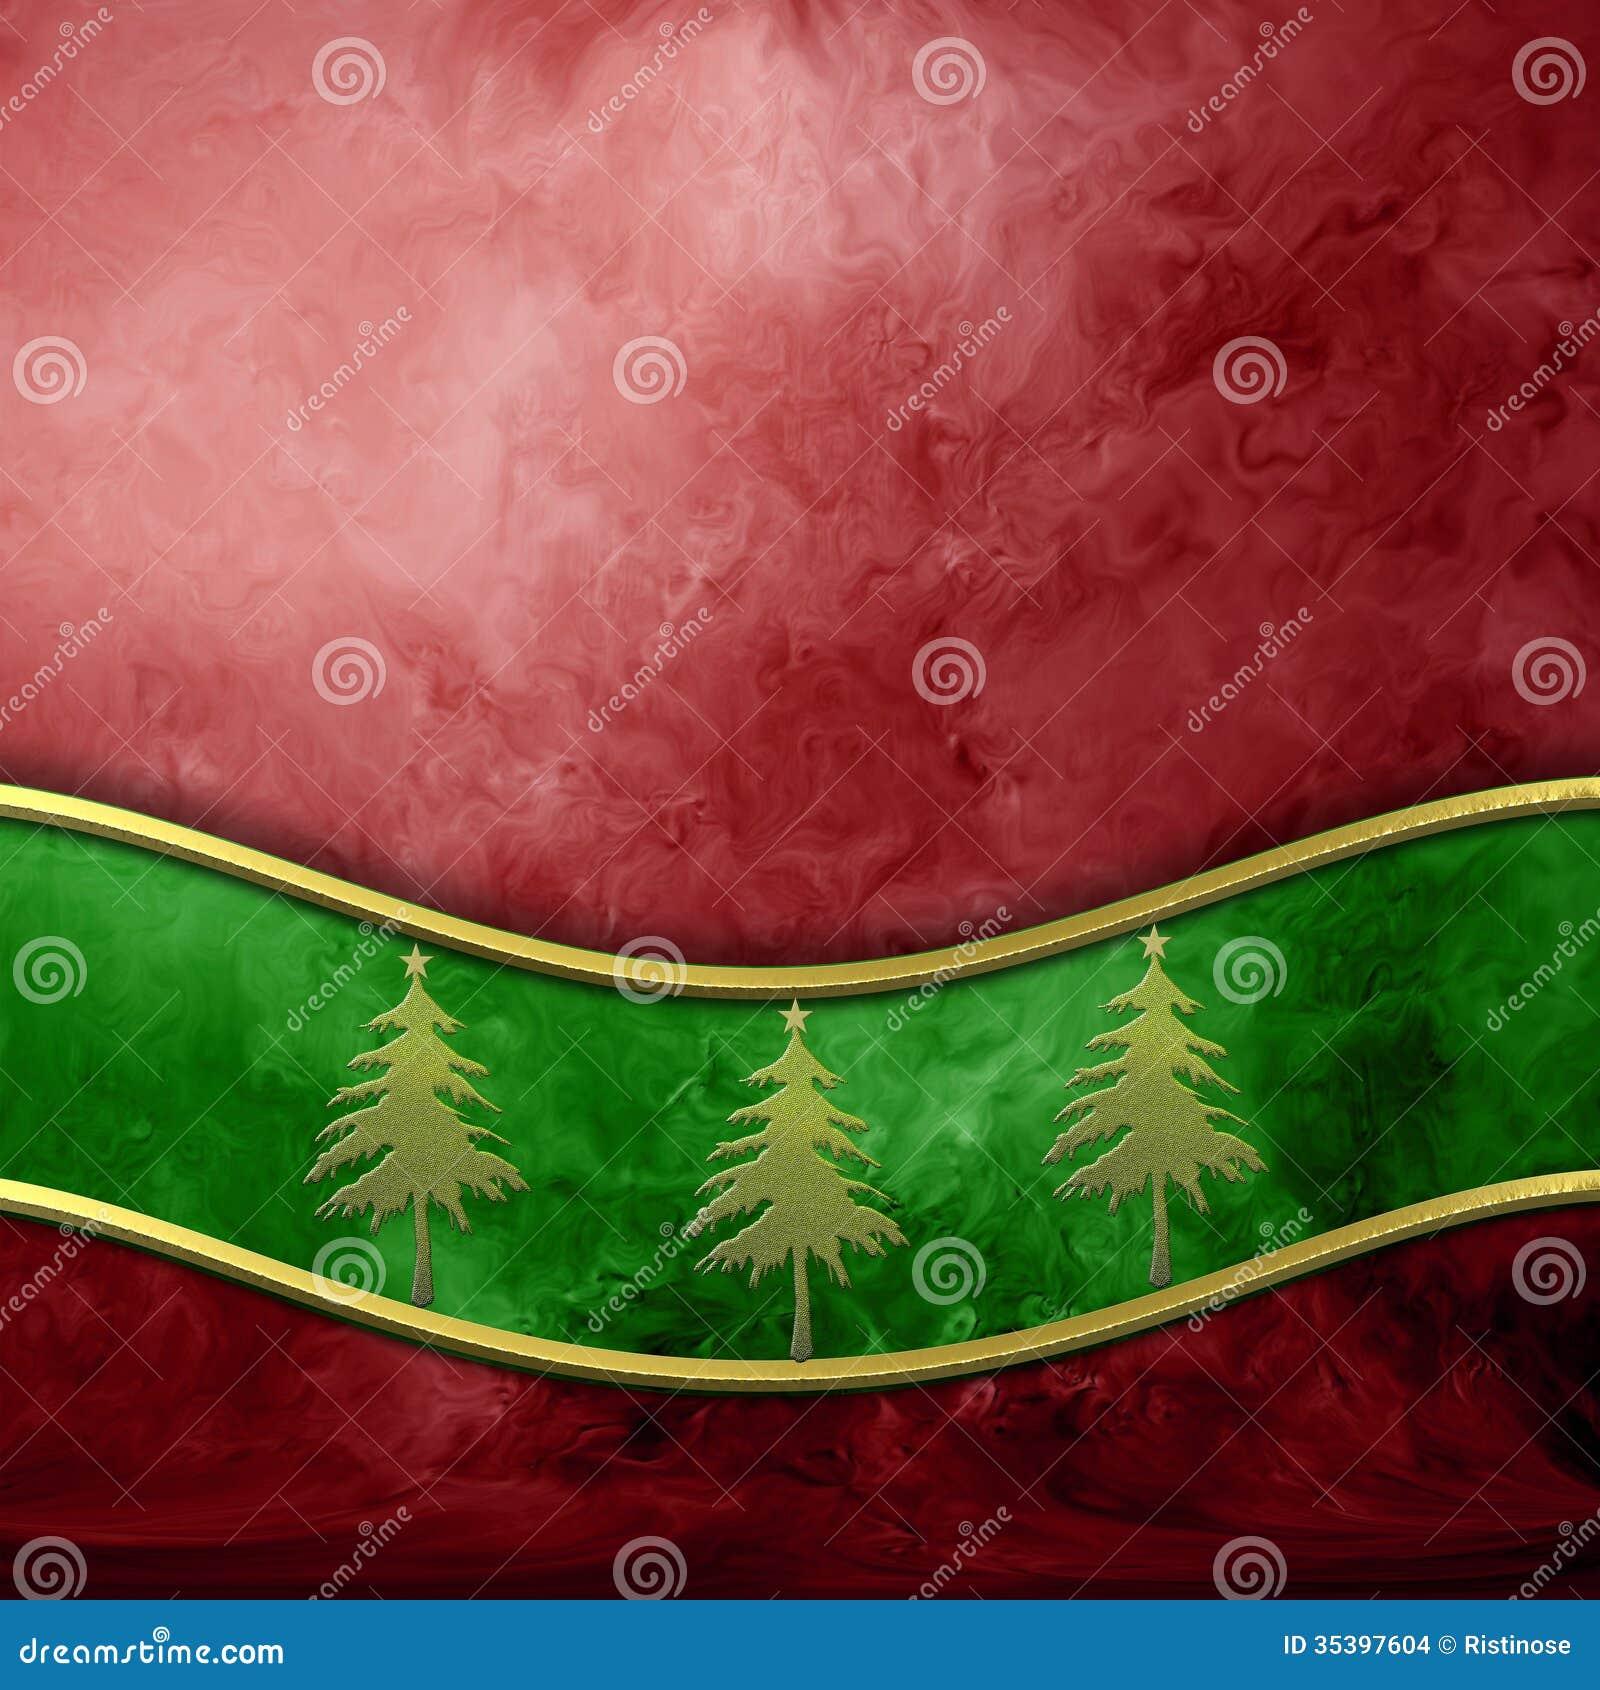 Elegant Christmas Background Card Images Image 35397604 – Christmas Card Layout